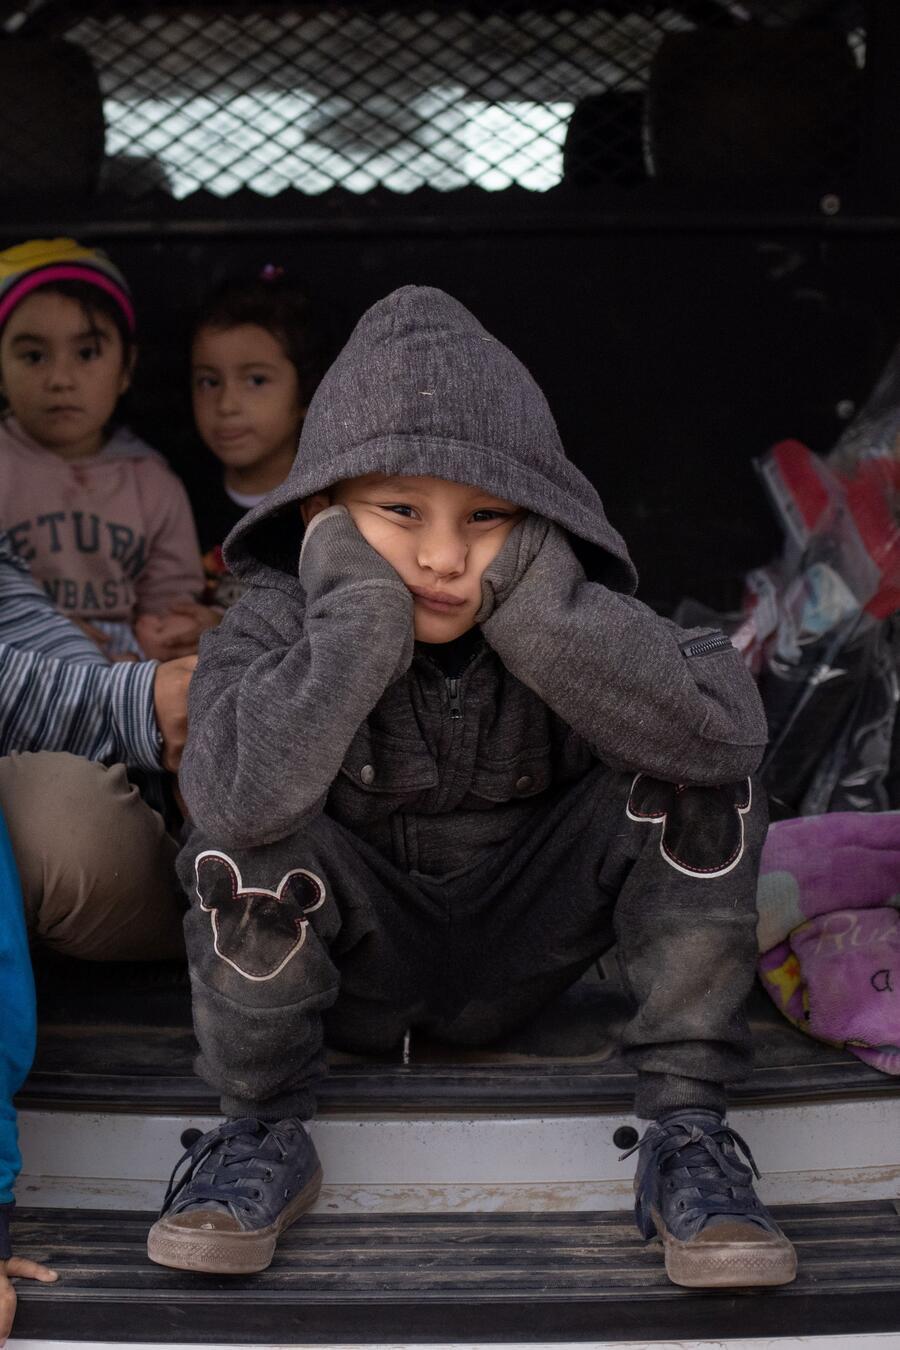 Niños migrantes centroamericanos en busca de asilo en la frontera